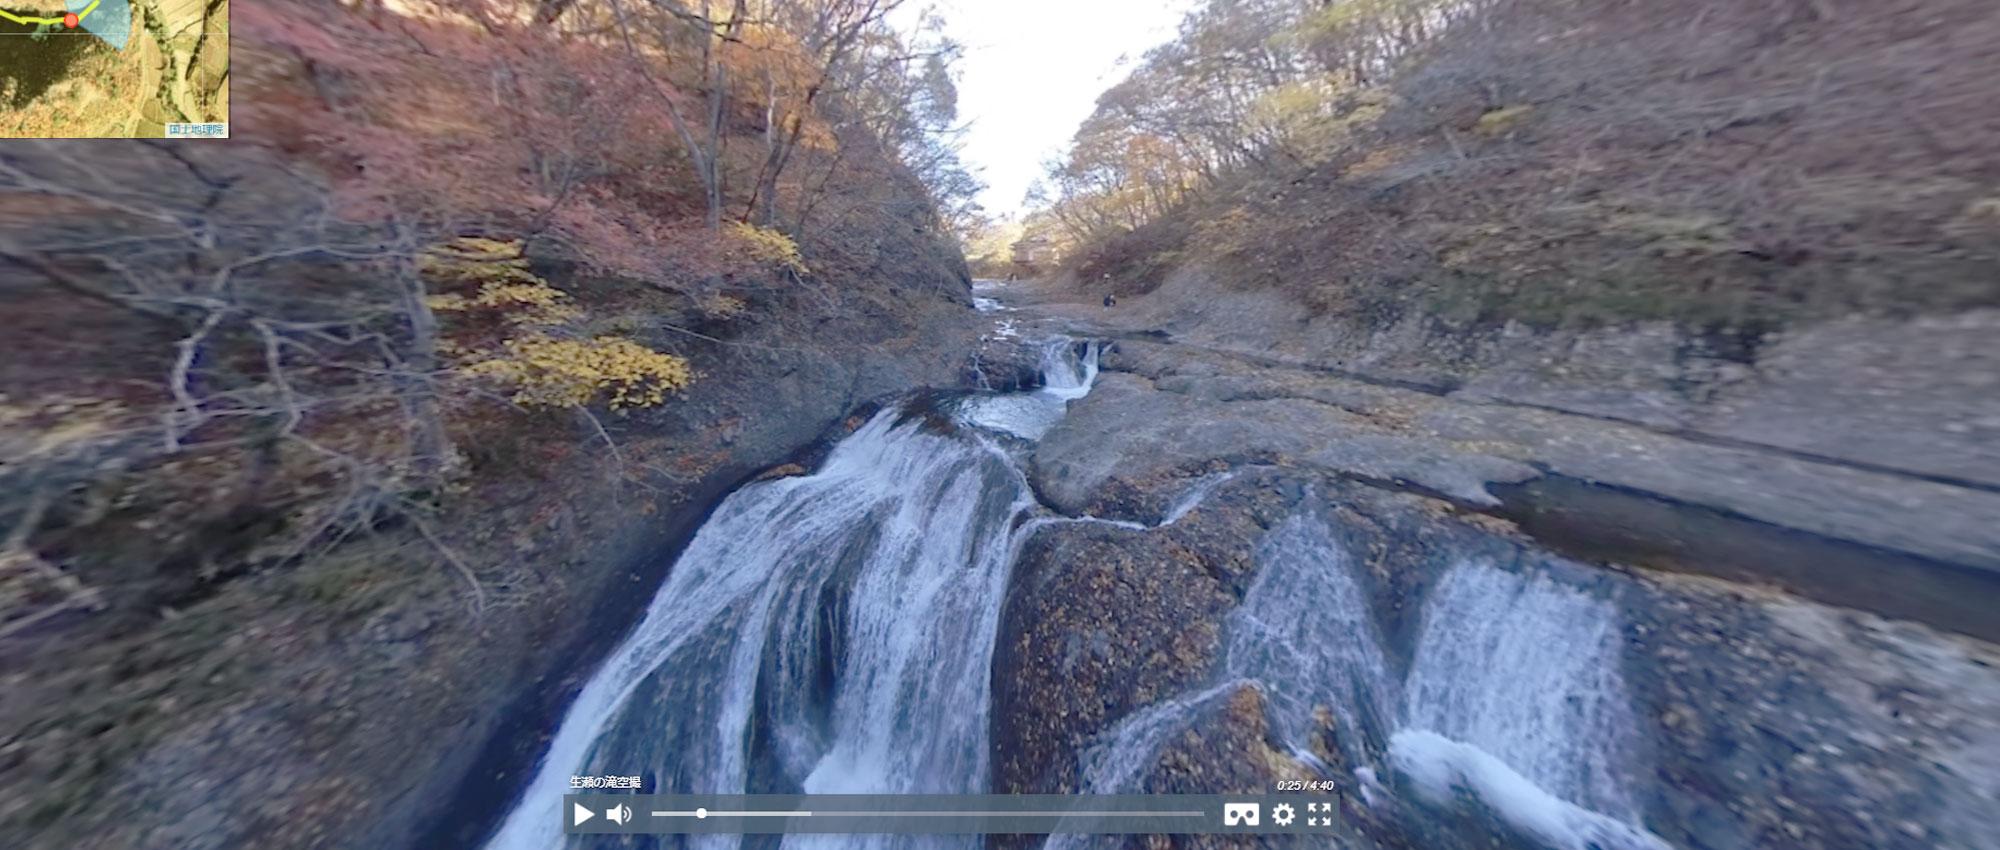 生瀬の滝の空撮写真